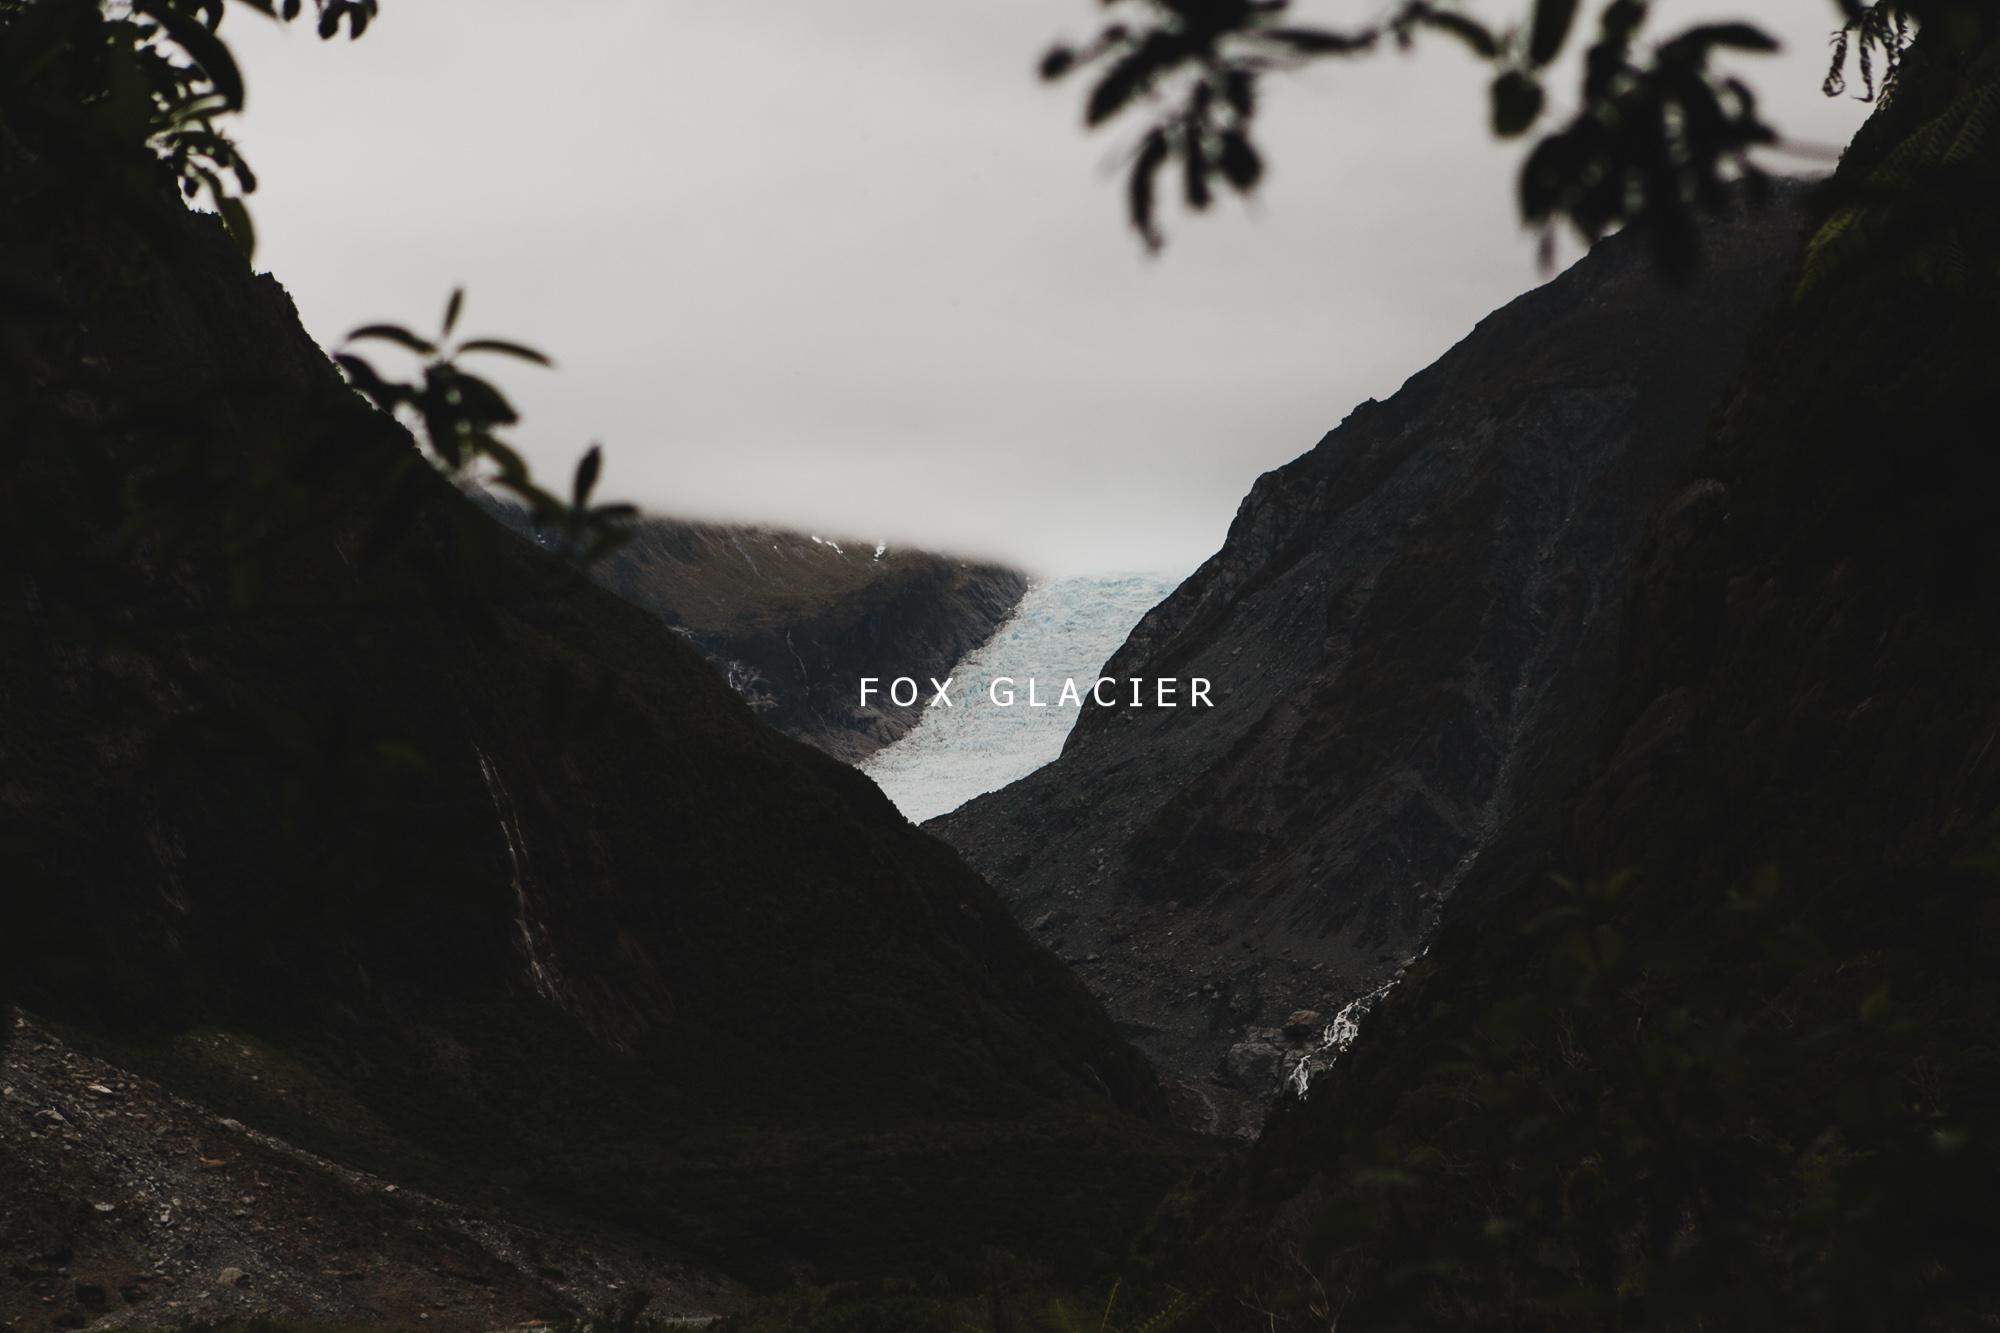 fox-glacier-new-zealand-travel-diary-jysla-kay-001